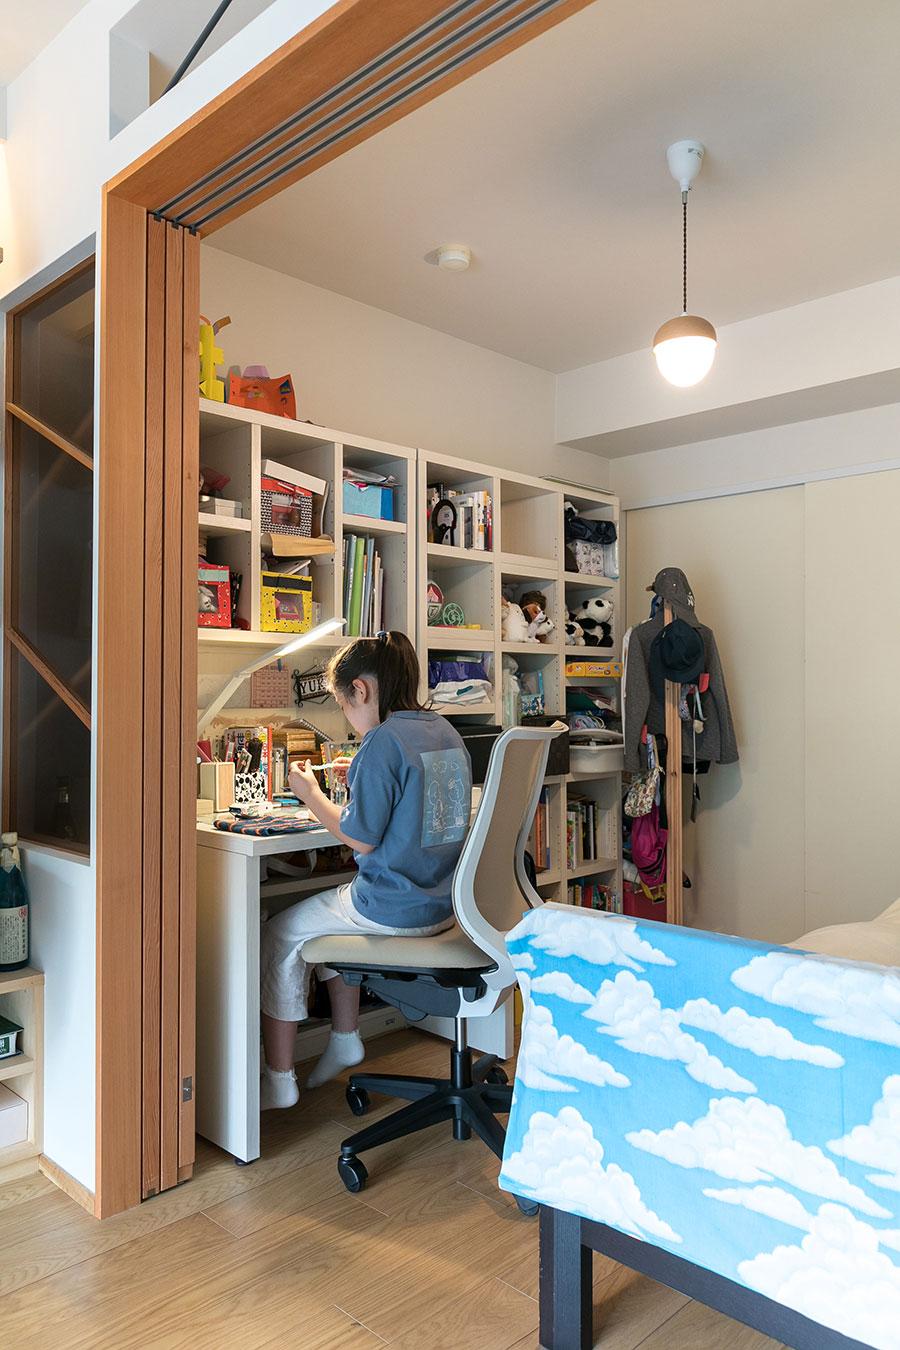 リビングに隣接した子ども部屋はご長女の部屋となっている。「娘は特に自分の部屋を気に入っています。自分の机だけはいつも綺麗に片付けていますね(笑)」と綾子さん。